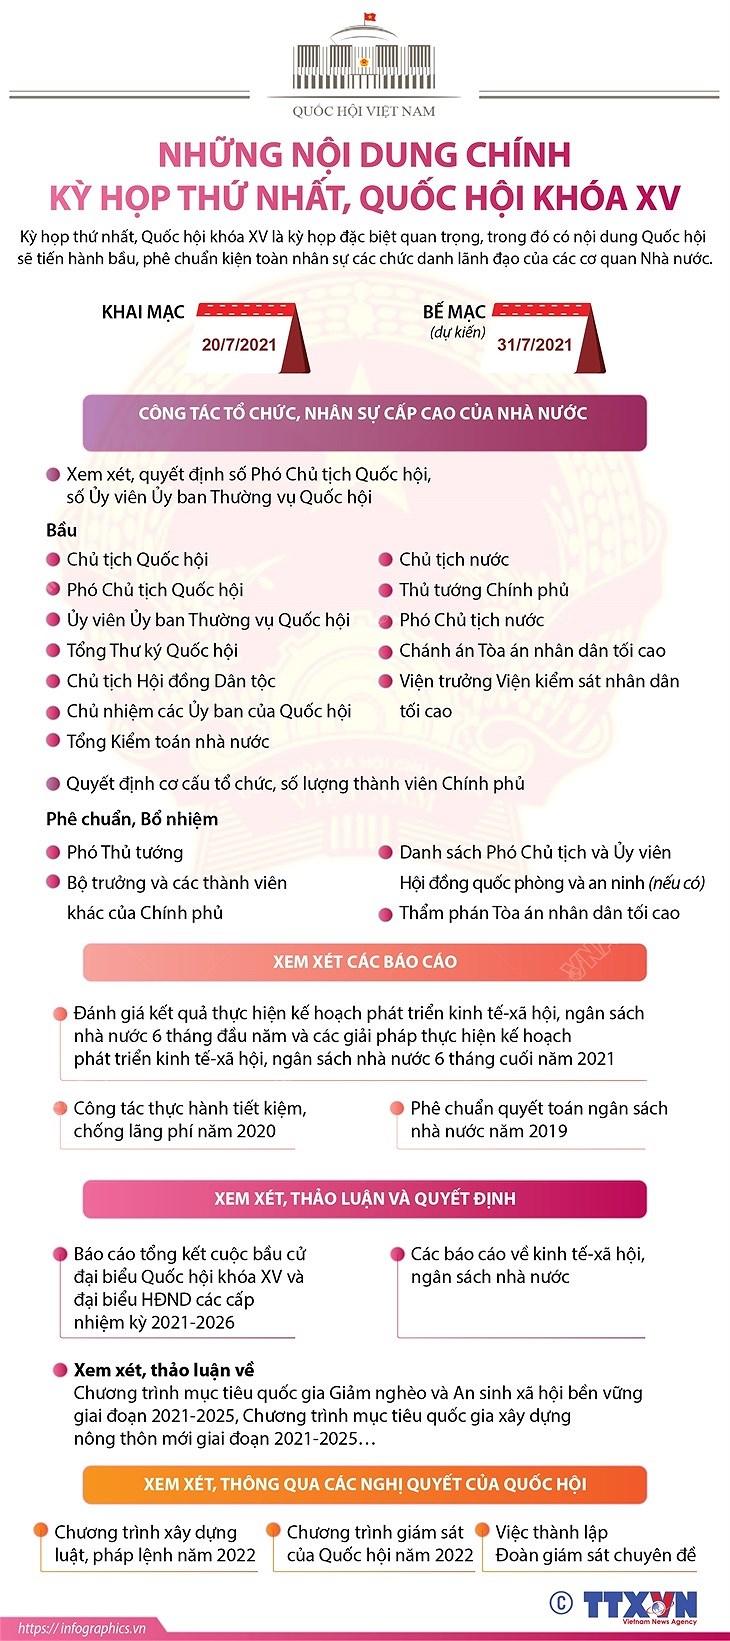 [Infographics] Noi dung chinh cua Ky hop thu nhat, Quoc hoi khoa XV hinh anh 1